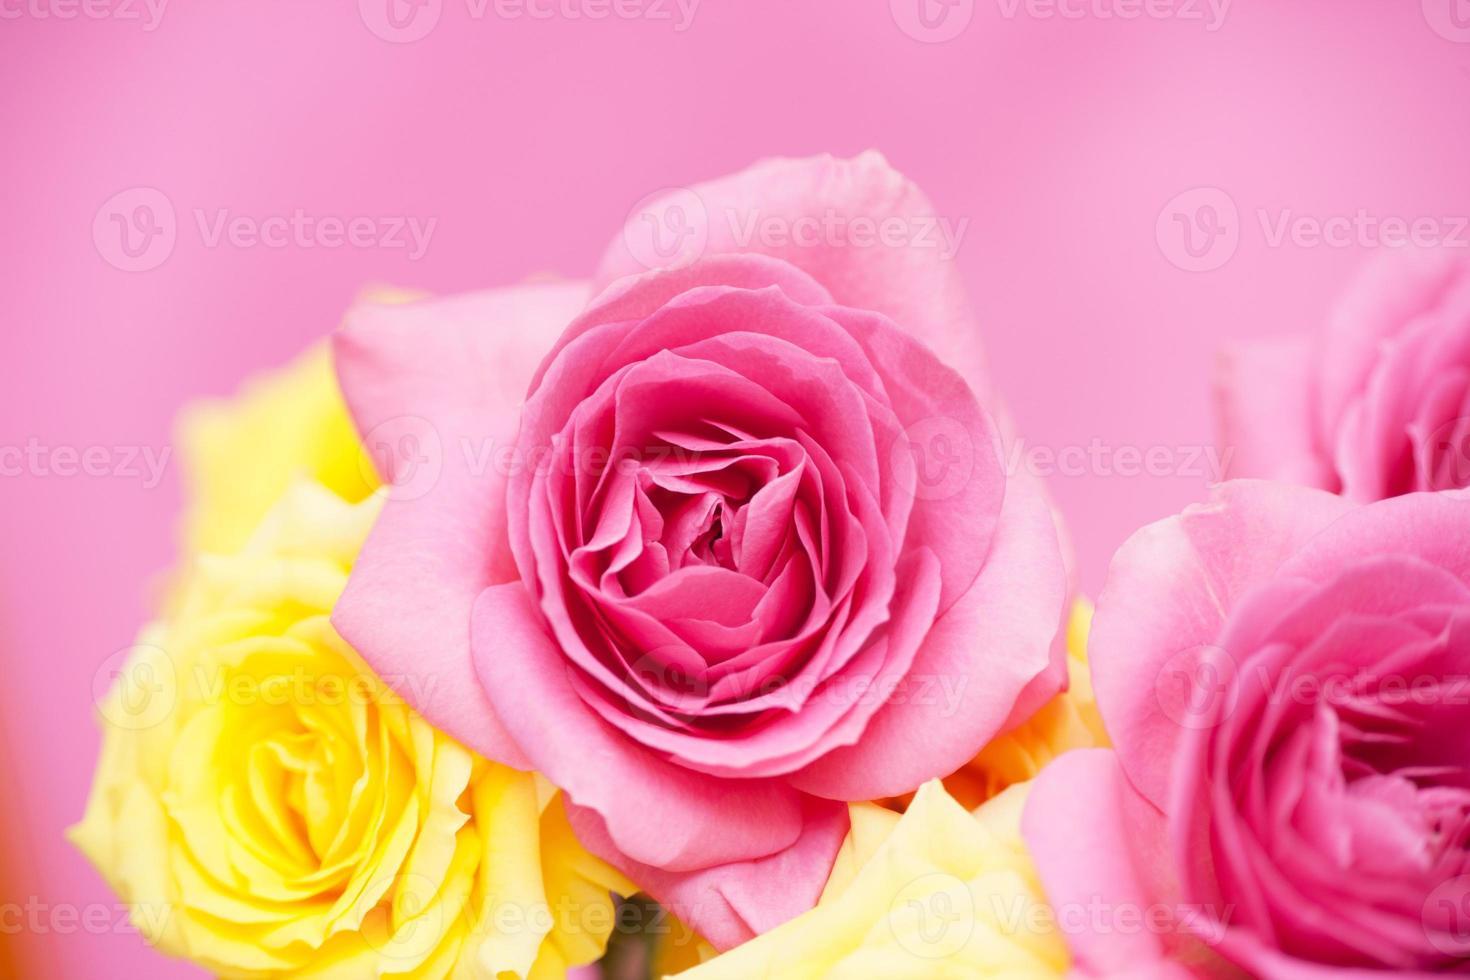 rose rosa foto